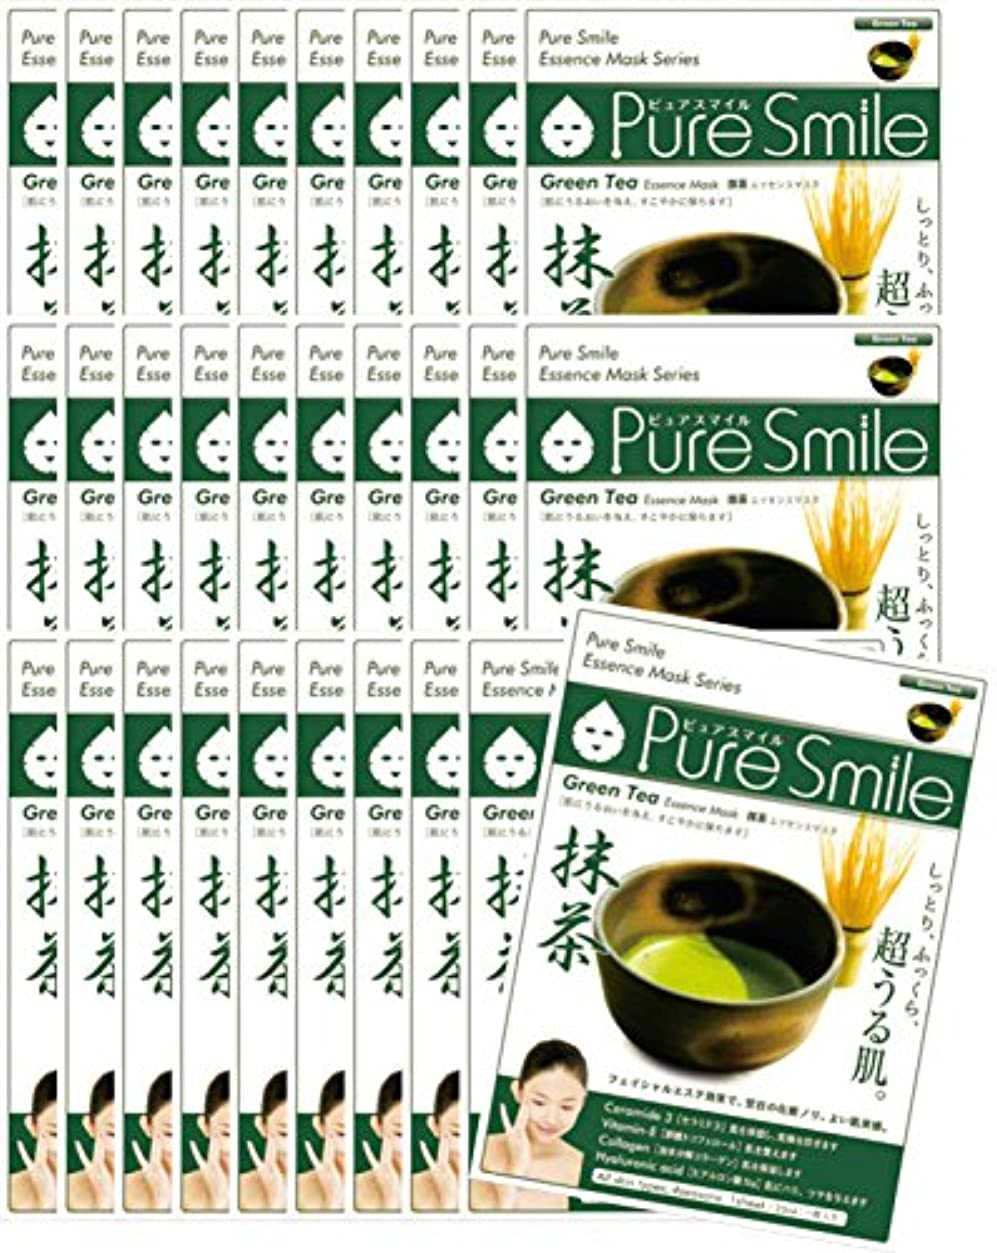 特許宝石最初にピュアスマイル エッセンスマスク 日本の恵み シリーズ抹茶 30枚セット